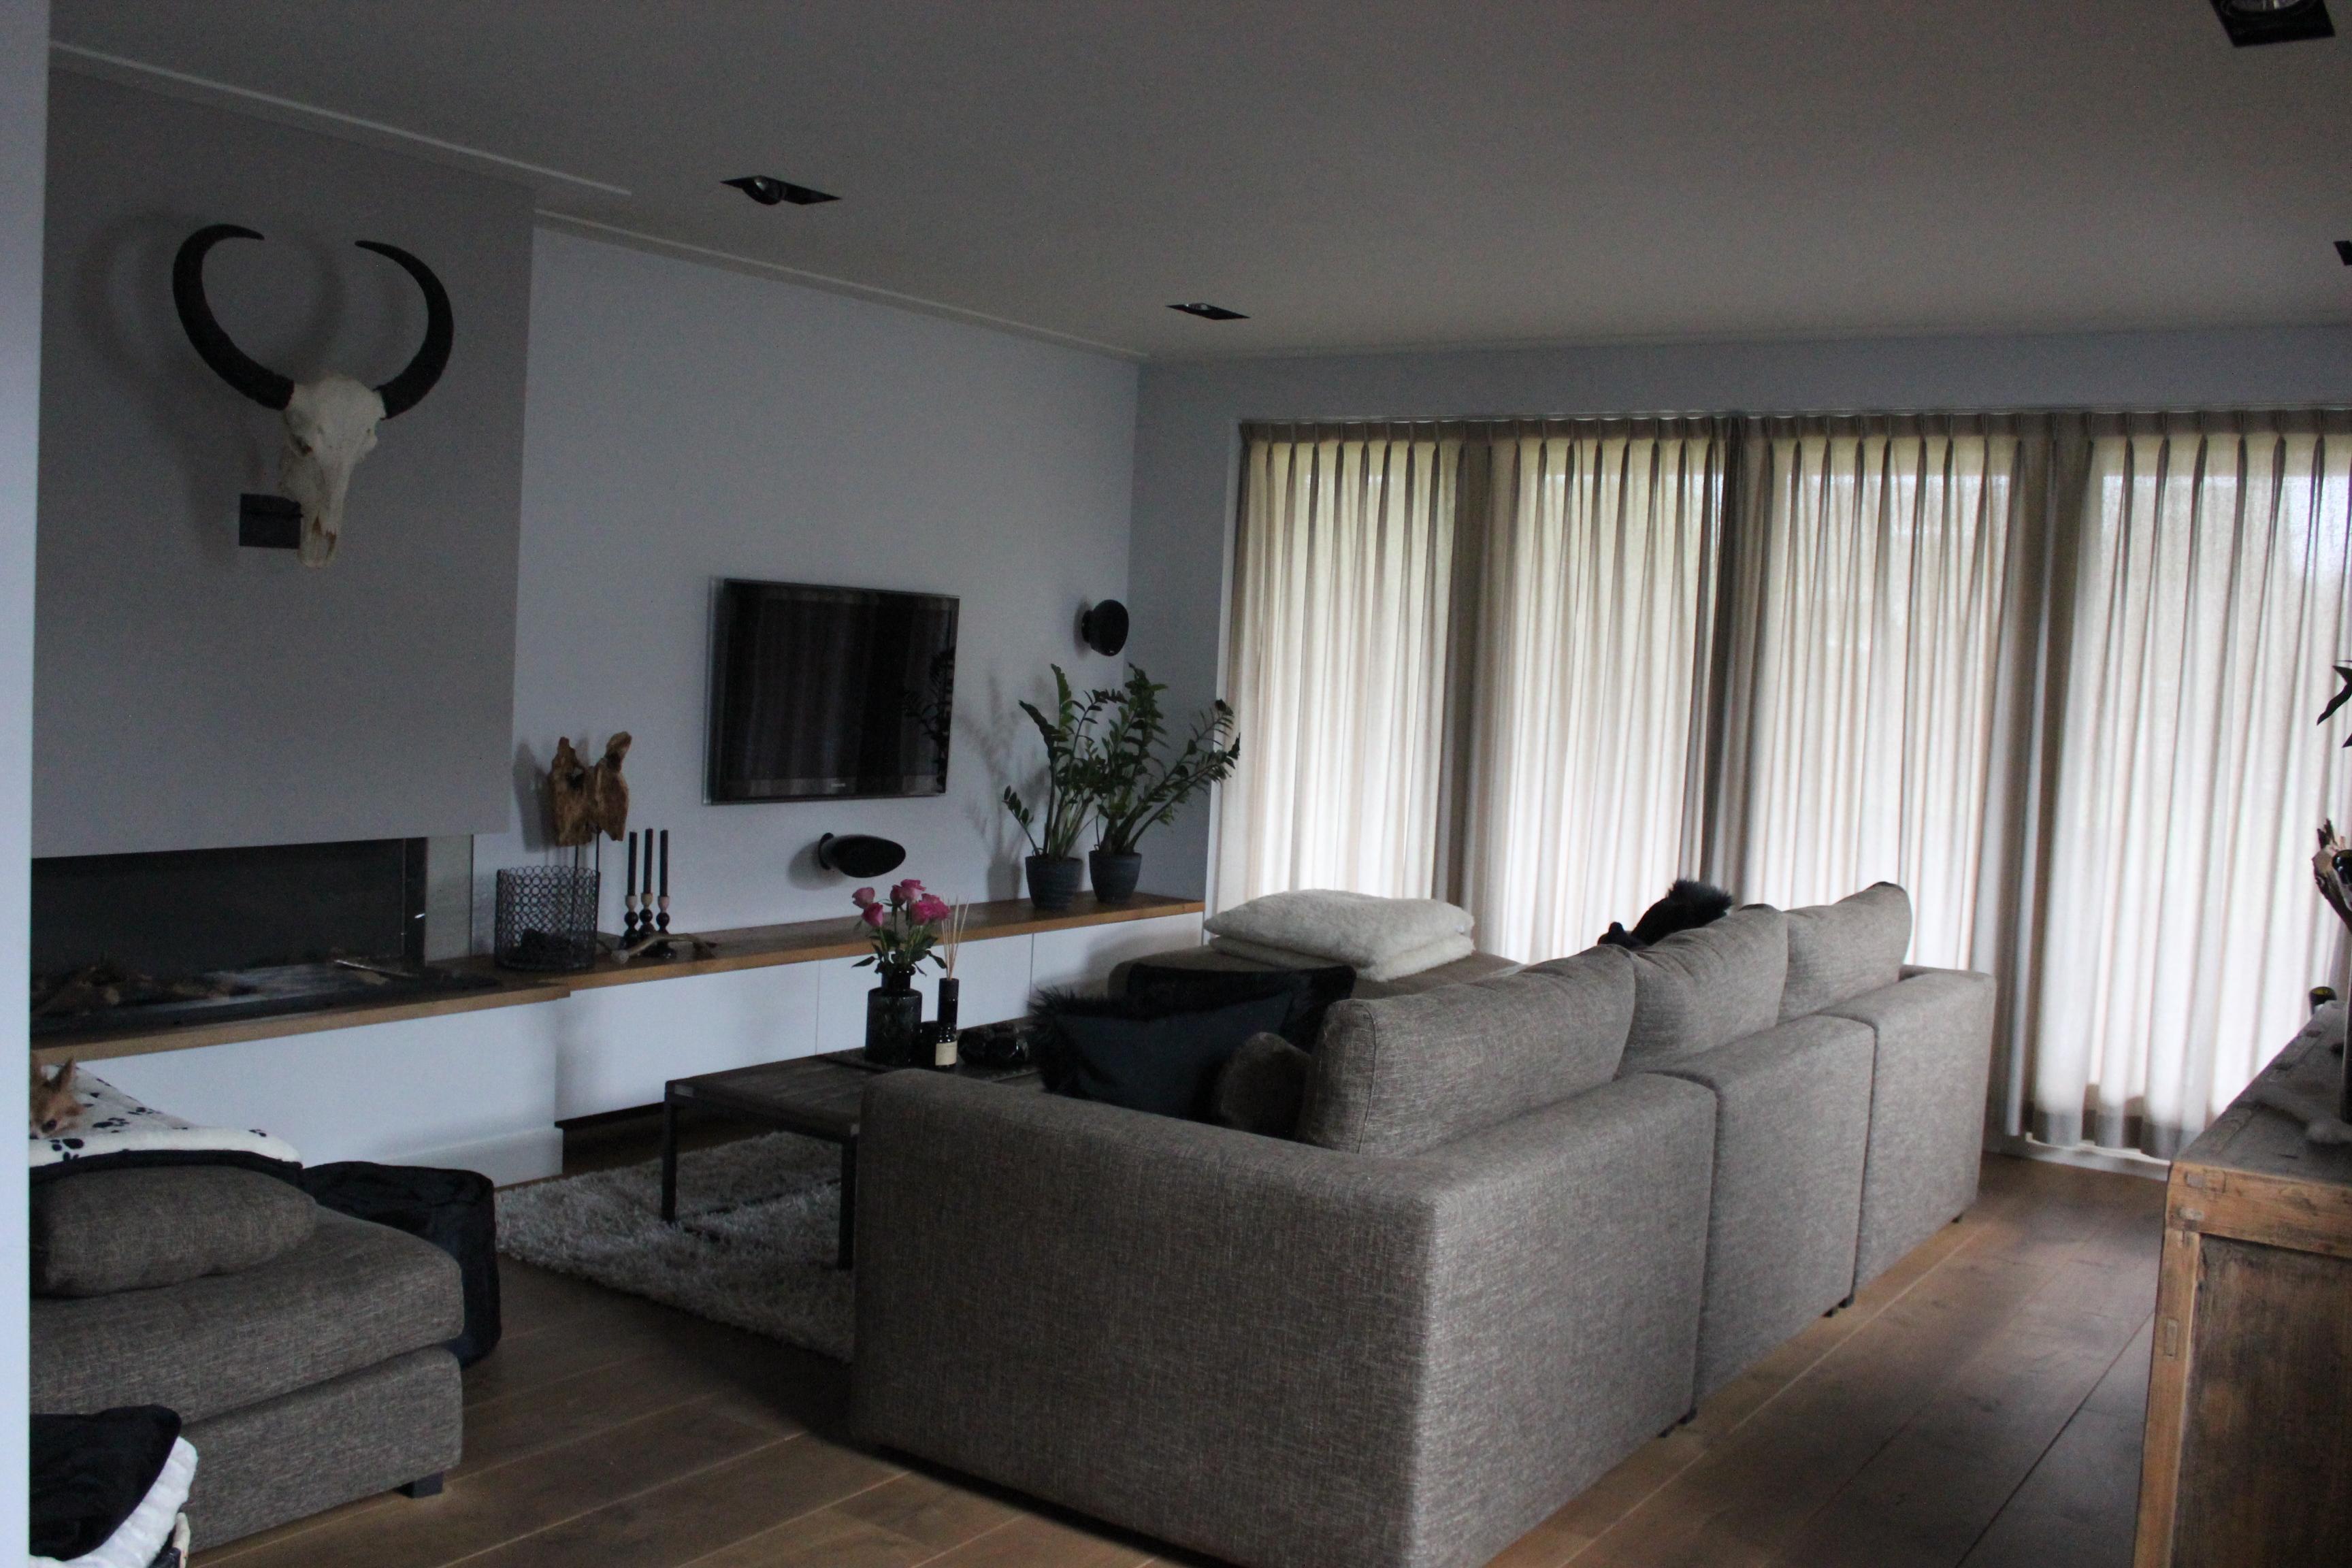 Mijn interieur | Furnlovers.nl